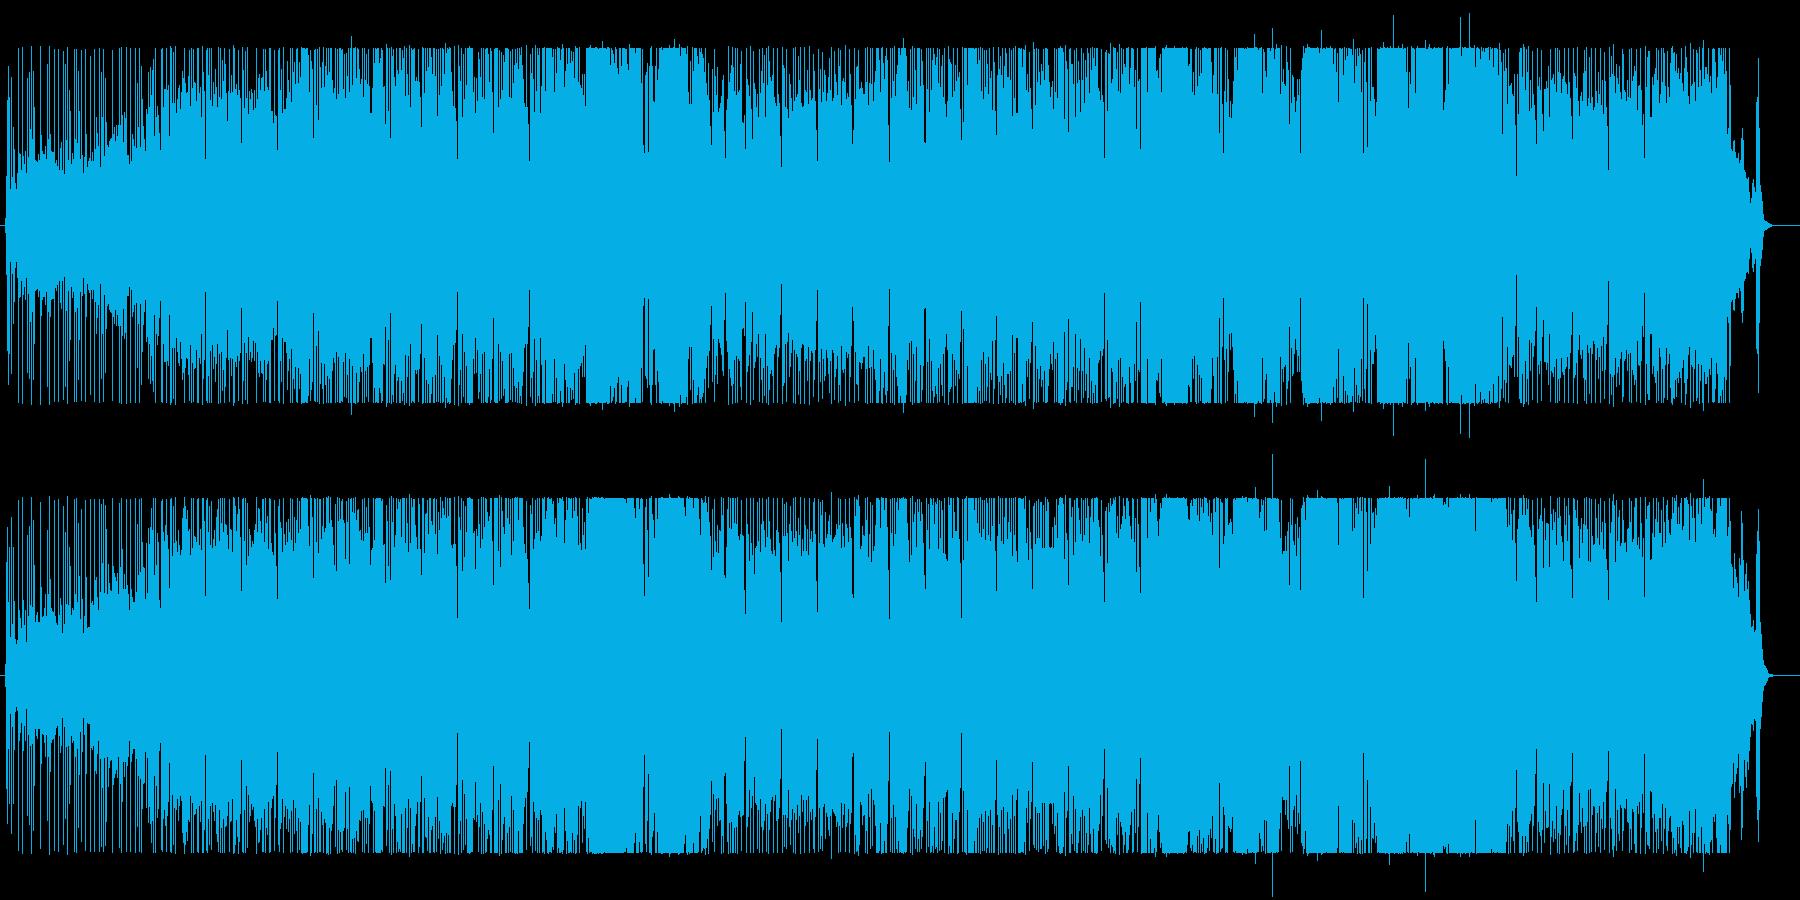 重いロックビートで。の再生済みの波形